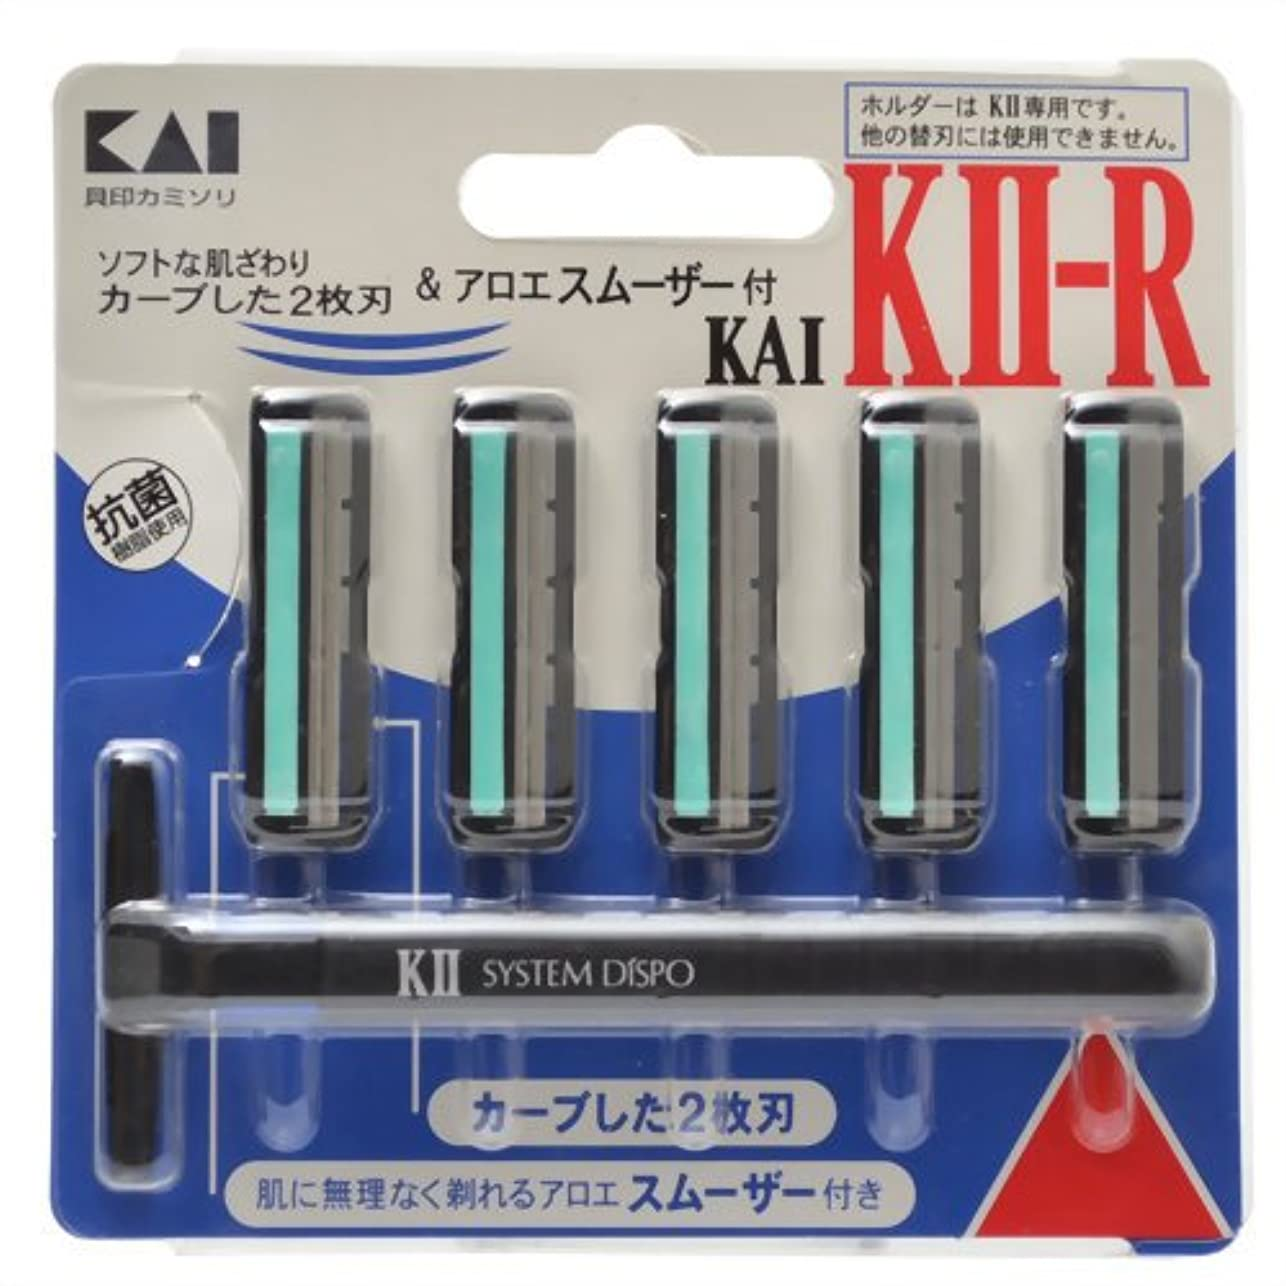 鼻ゆでるできる貝印 KAI KII-R ひげそり用カミソリ アロエスムーザー付